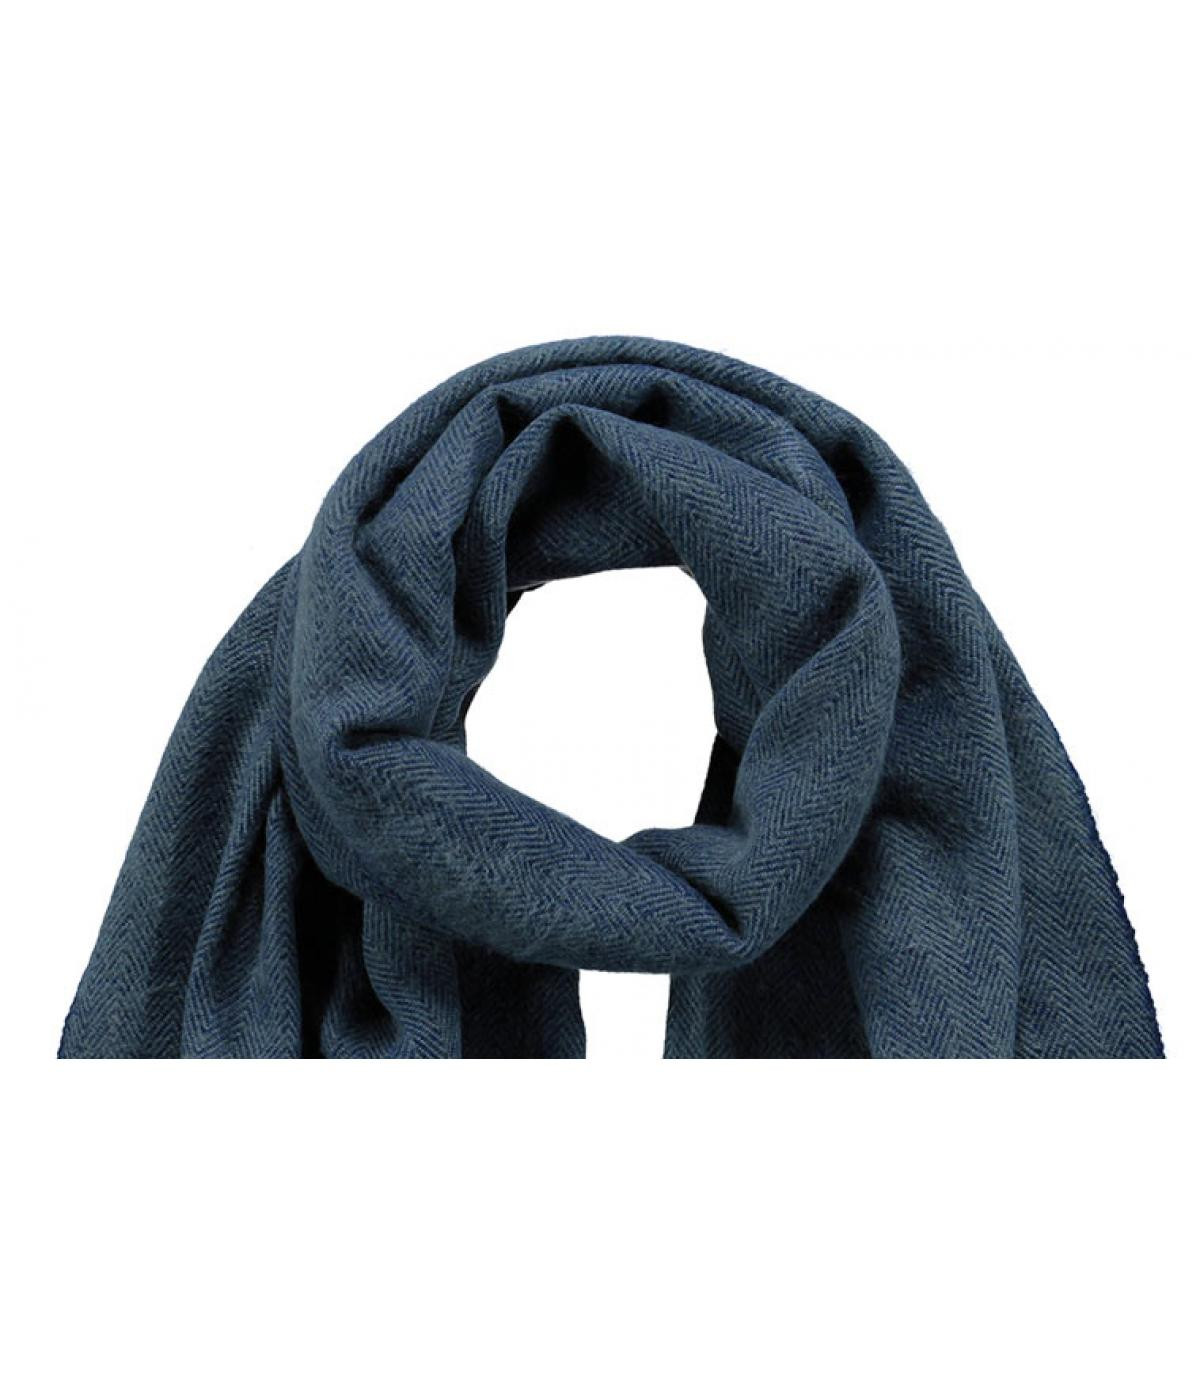 03c45cce53f Echarpe homme bleu marine - Soho scarf navy Barts - image 1 ...